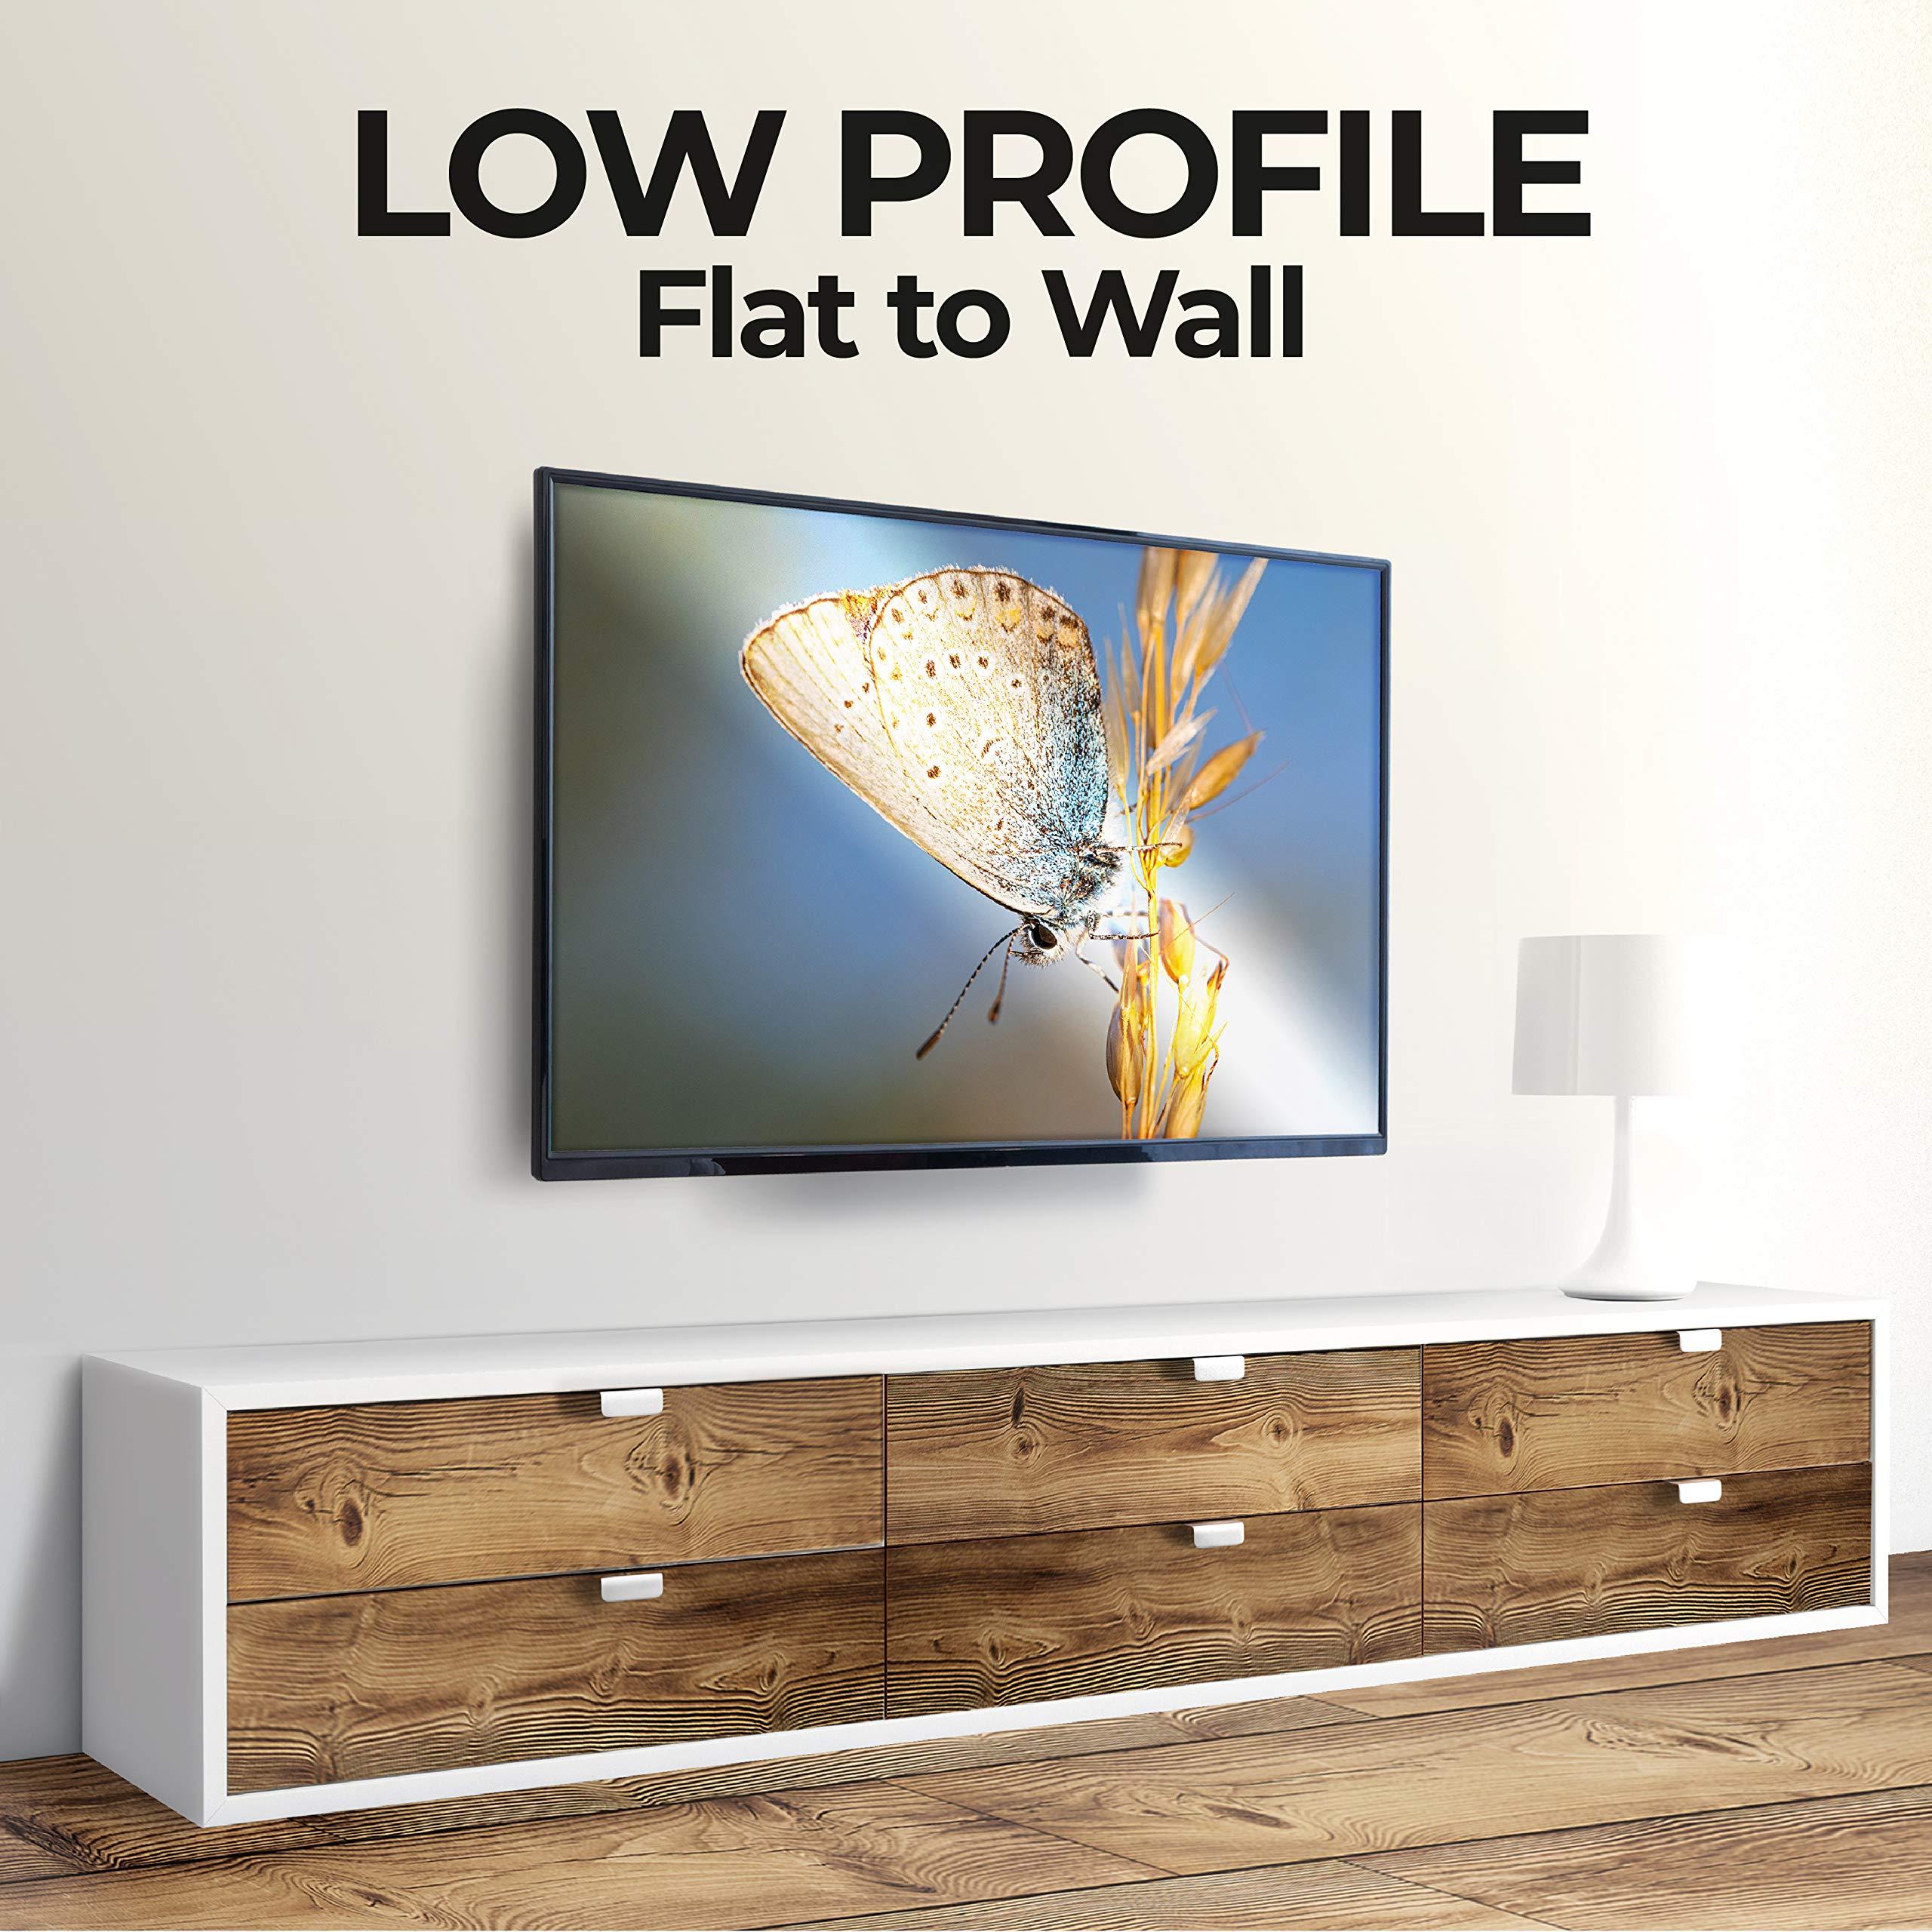 AmazonBasics - Soporte de pared plano de bajo perfil con riel, para televisión, de 81,3 a 177,8 cm (32-70